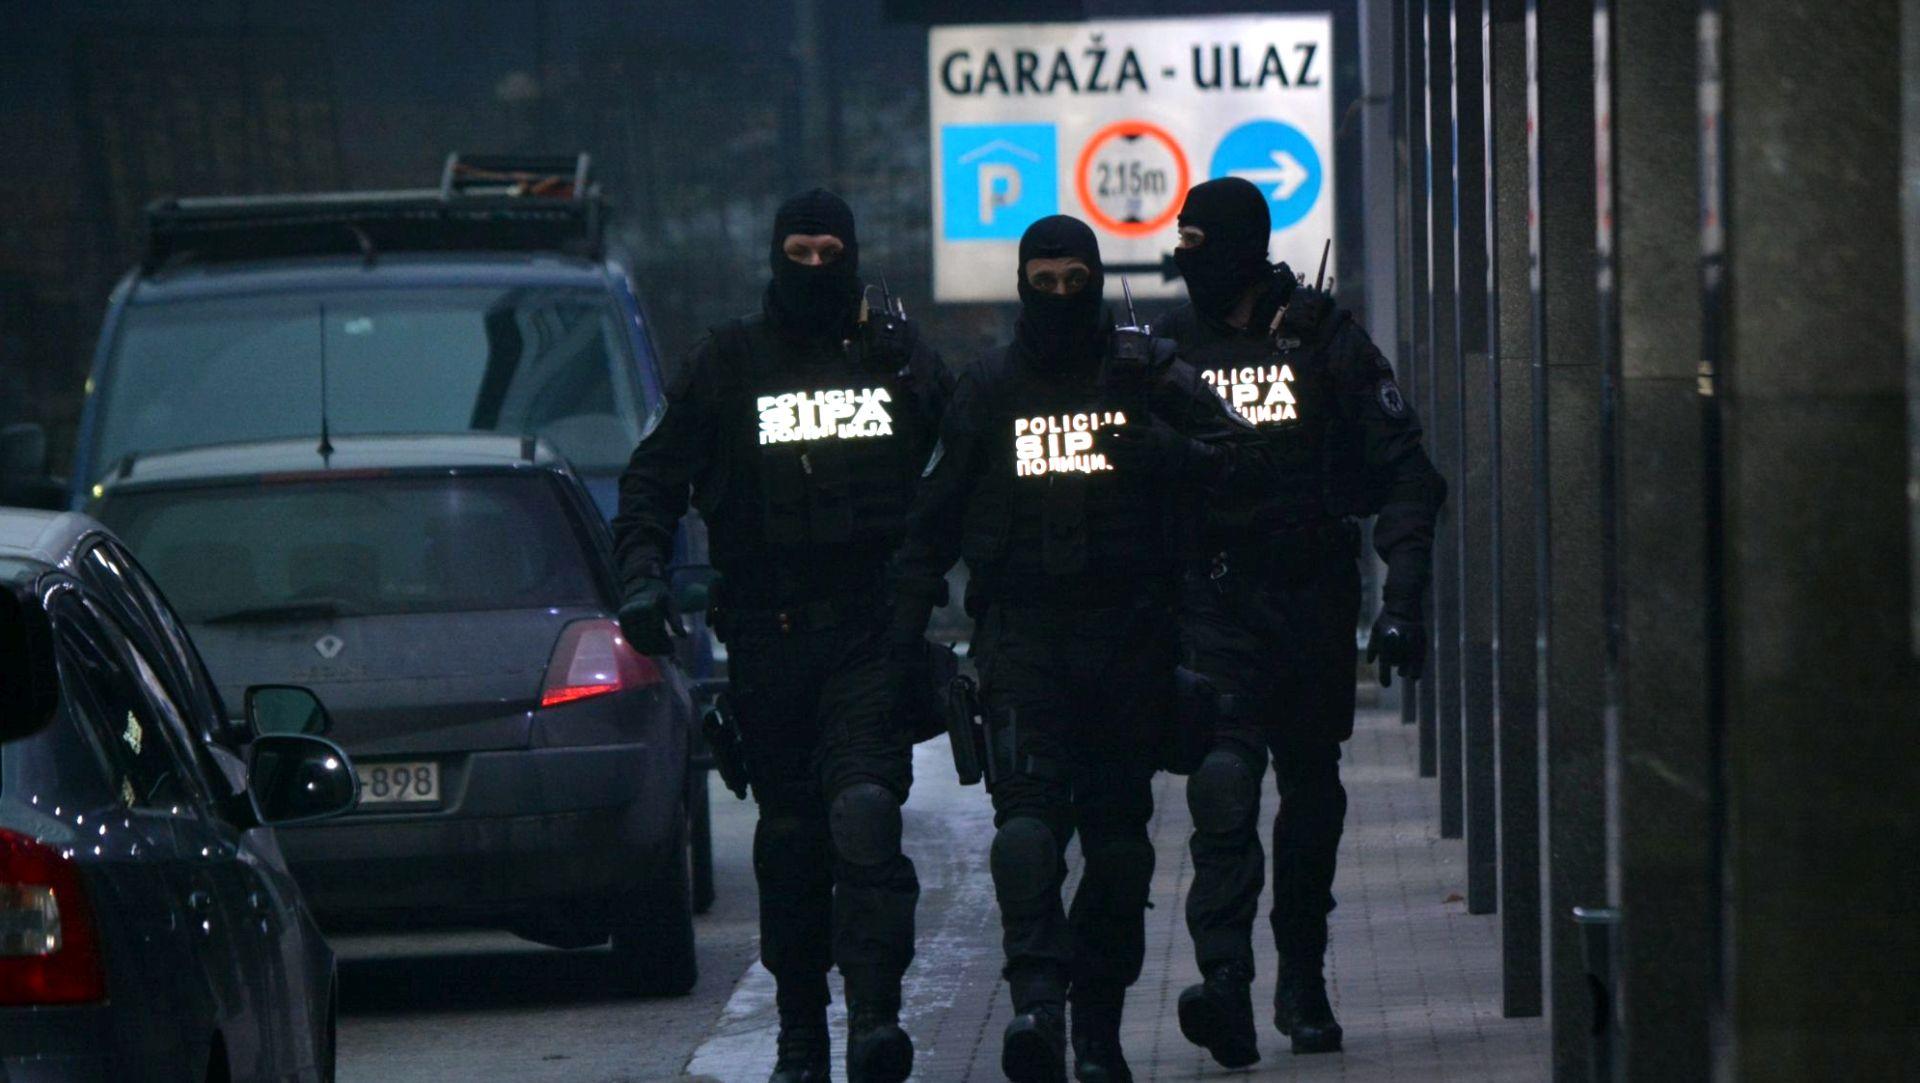 POLICIJSKA AKCIJA: Osam uhićenih zbog ubojstva 120 civila iz Prijedora